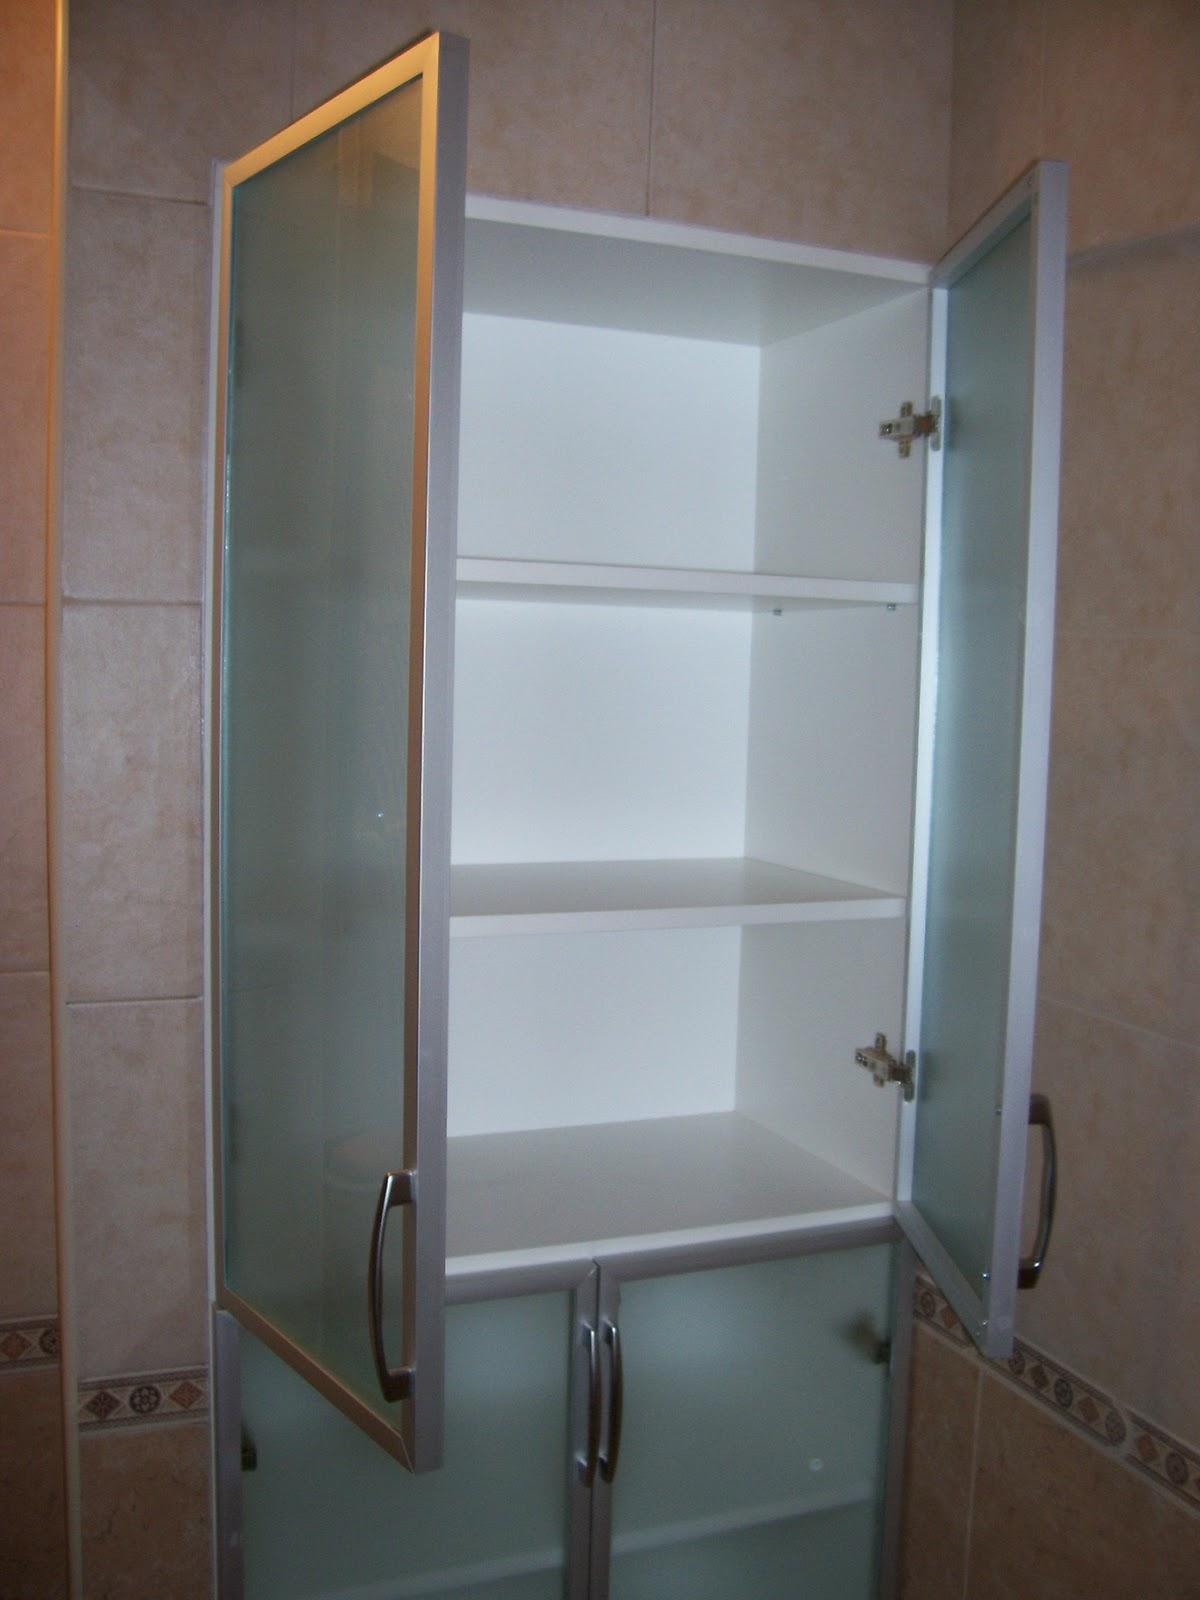 Estantes de aluminio para ba o for Mueble de aluminio exterior